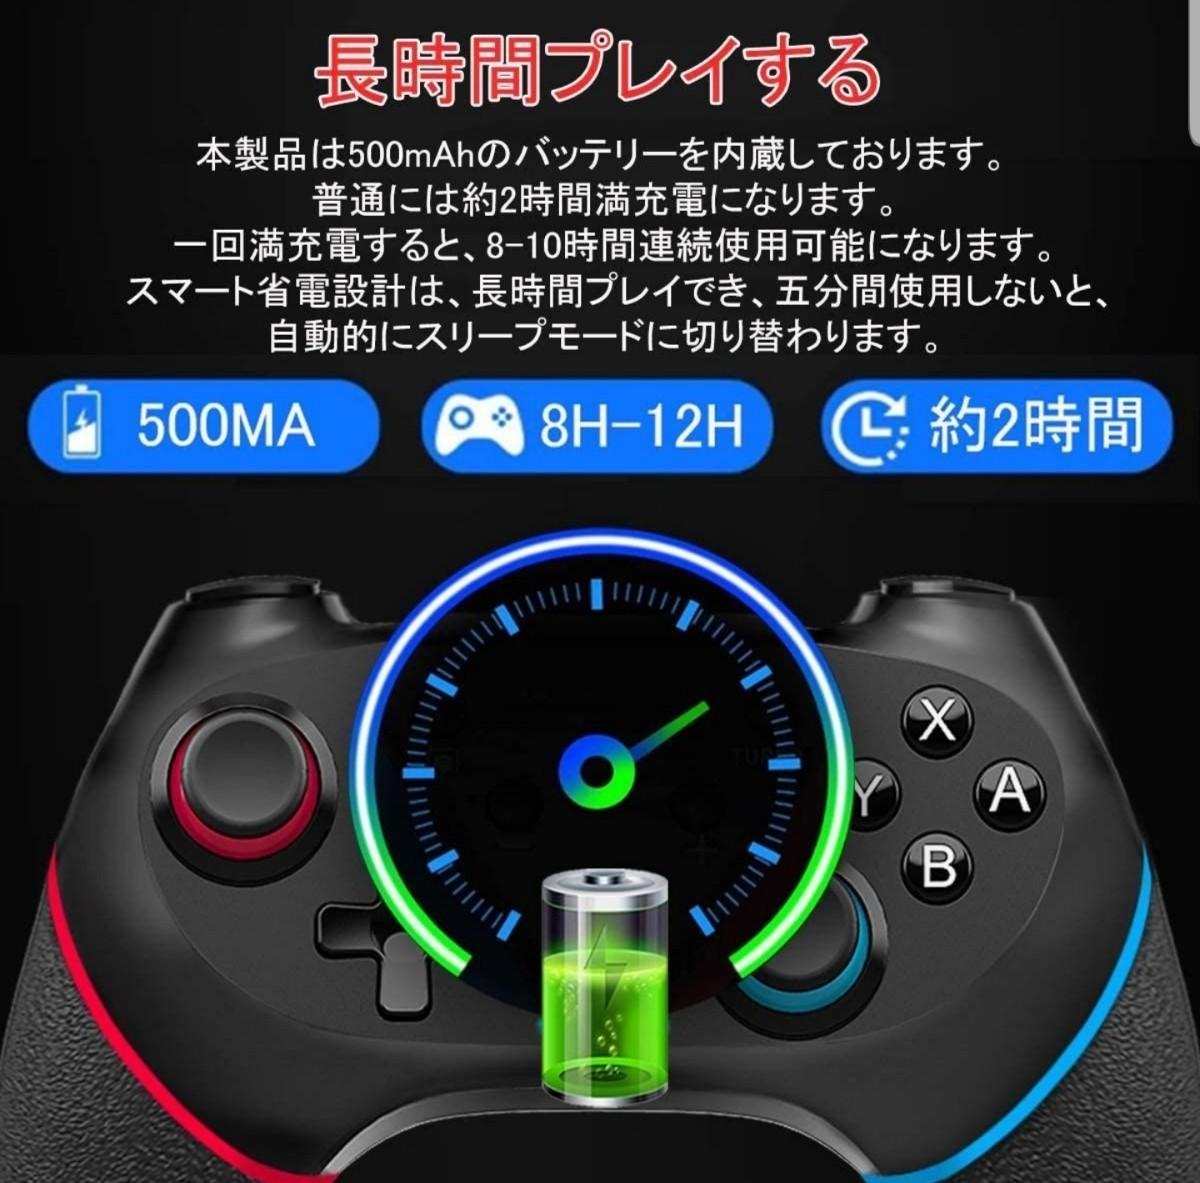 Switch無線コントローラー 振動/連射/ジャイロセンサー搭載